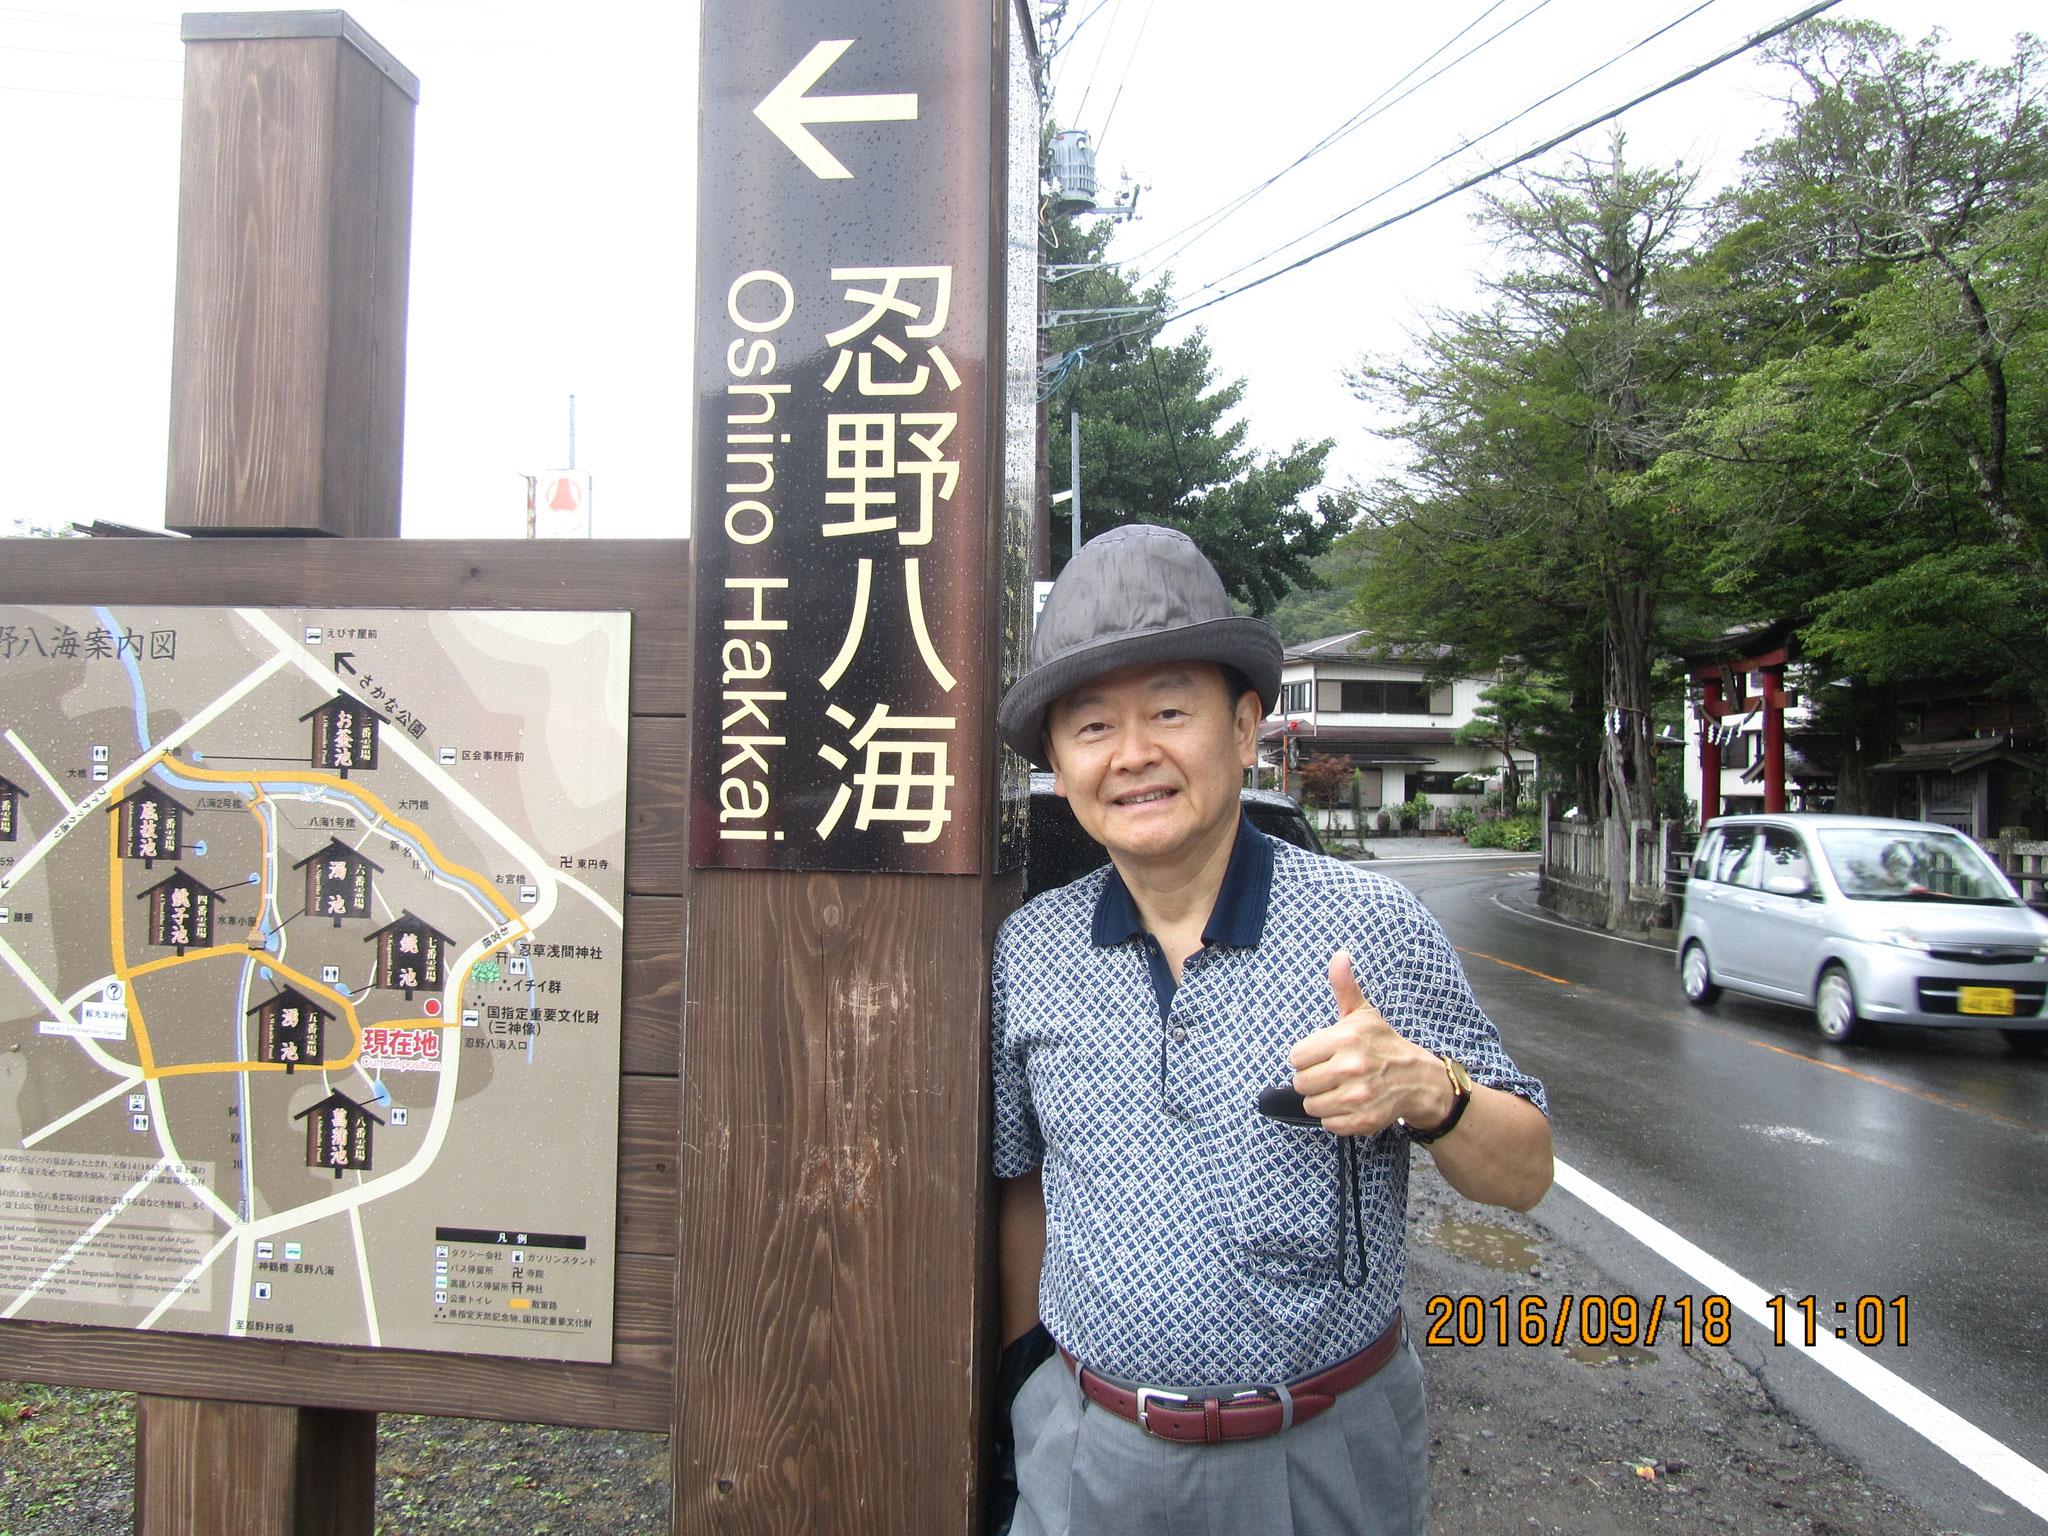 天然記念物である「忍野(おしの)八海(はっかい)」は、富士山の伏流水に水源を発する8つの湧水池(ゆうすいいけ)です。